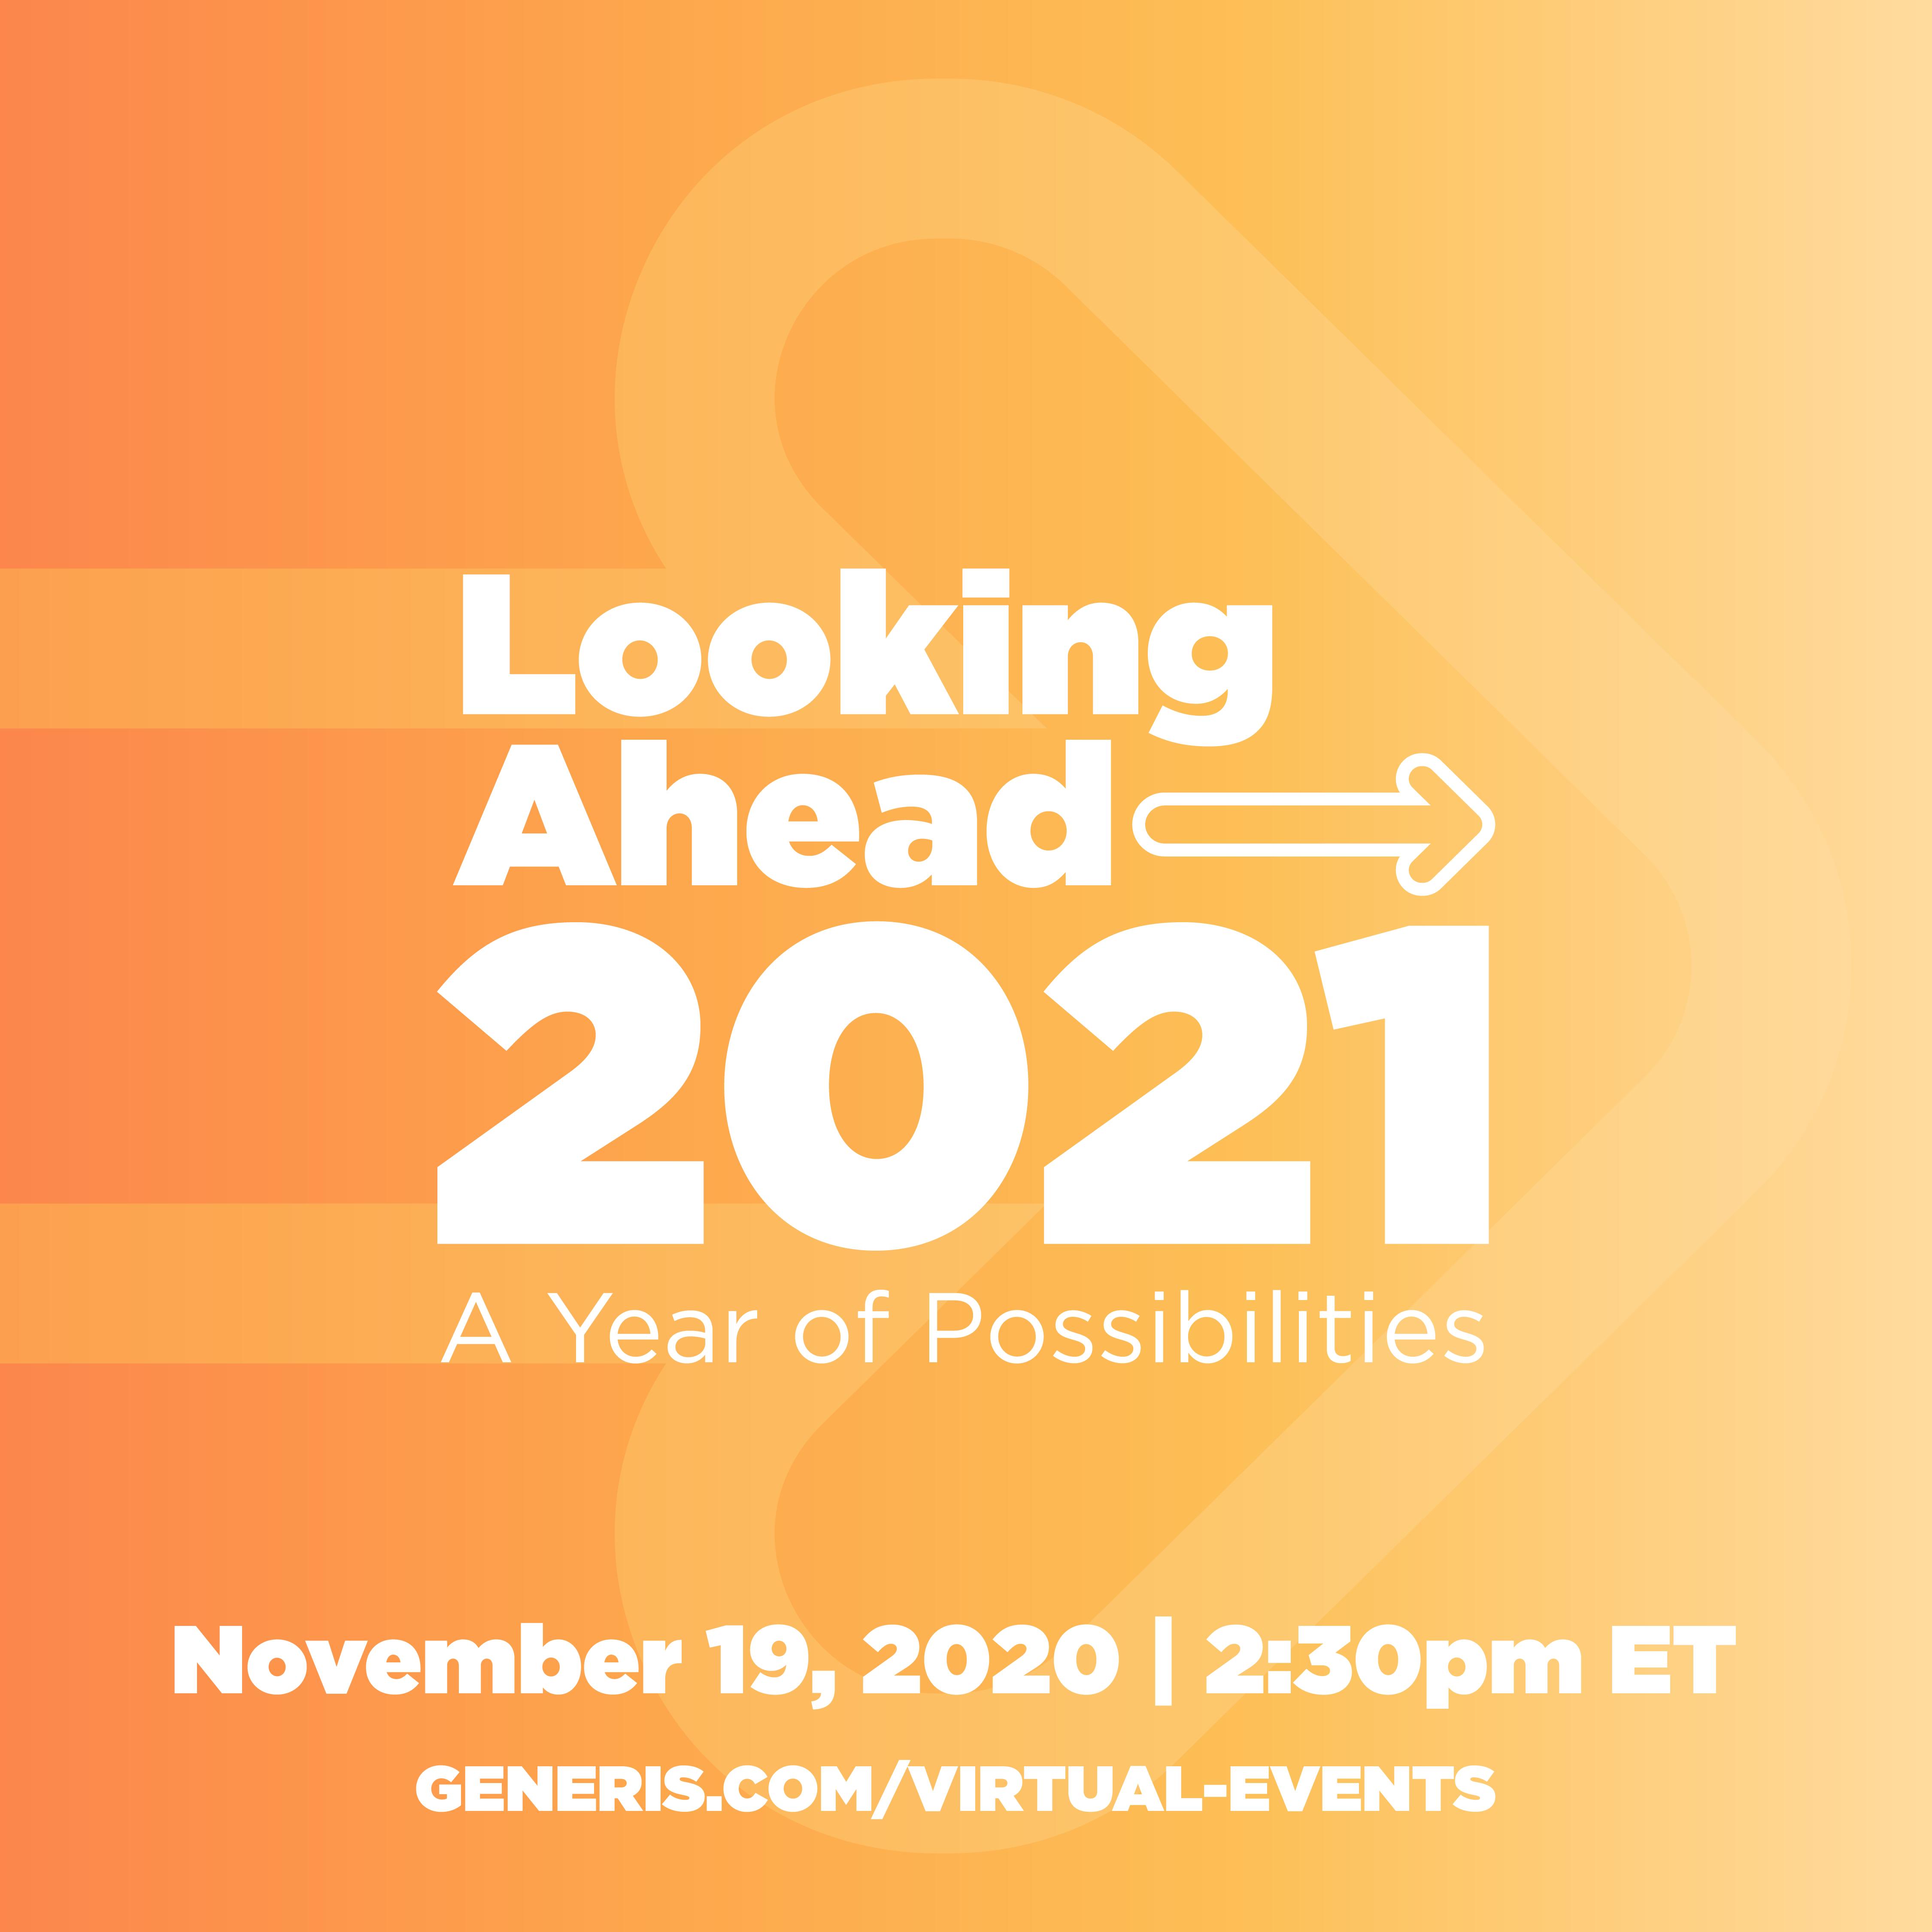 Looking ahead social-02